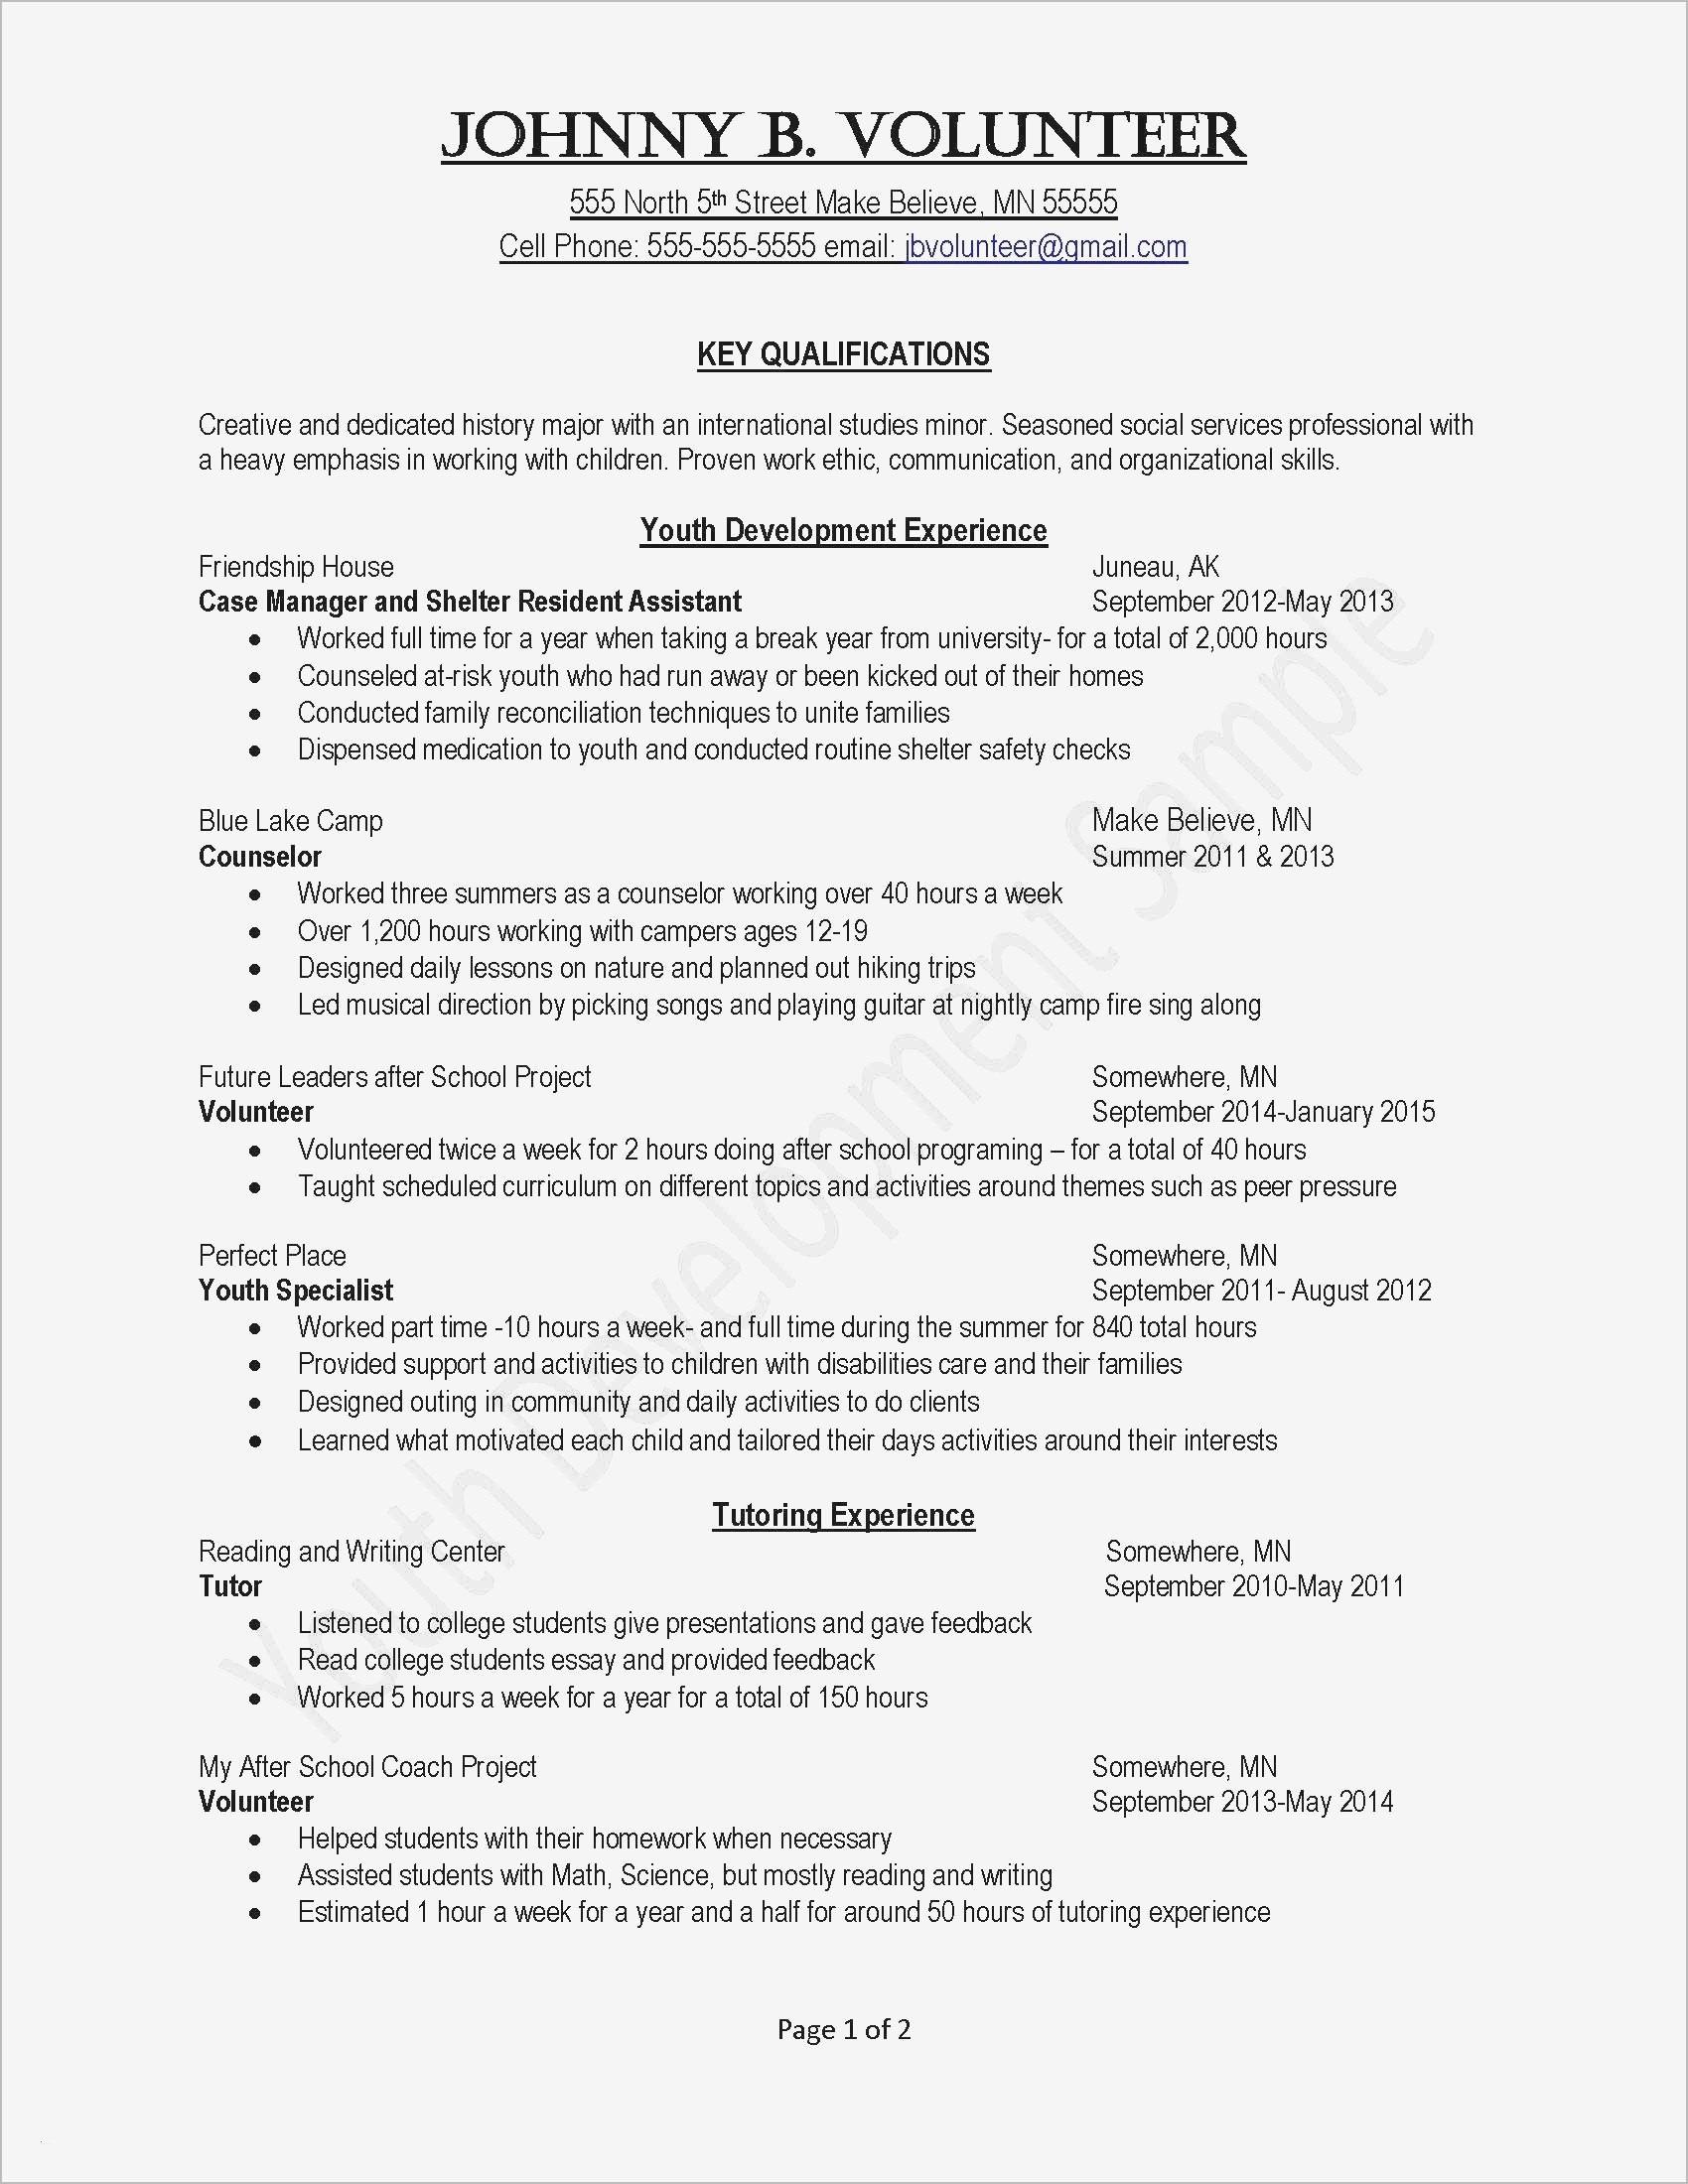 Fire Employee Letter Template - Cover Sheet Template for Resume Inspirational Job Fer Letter